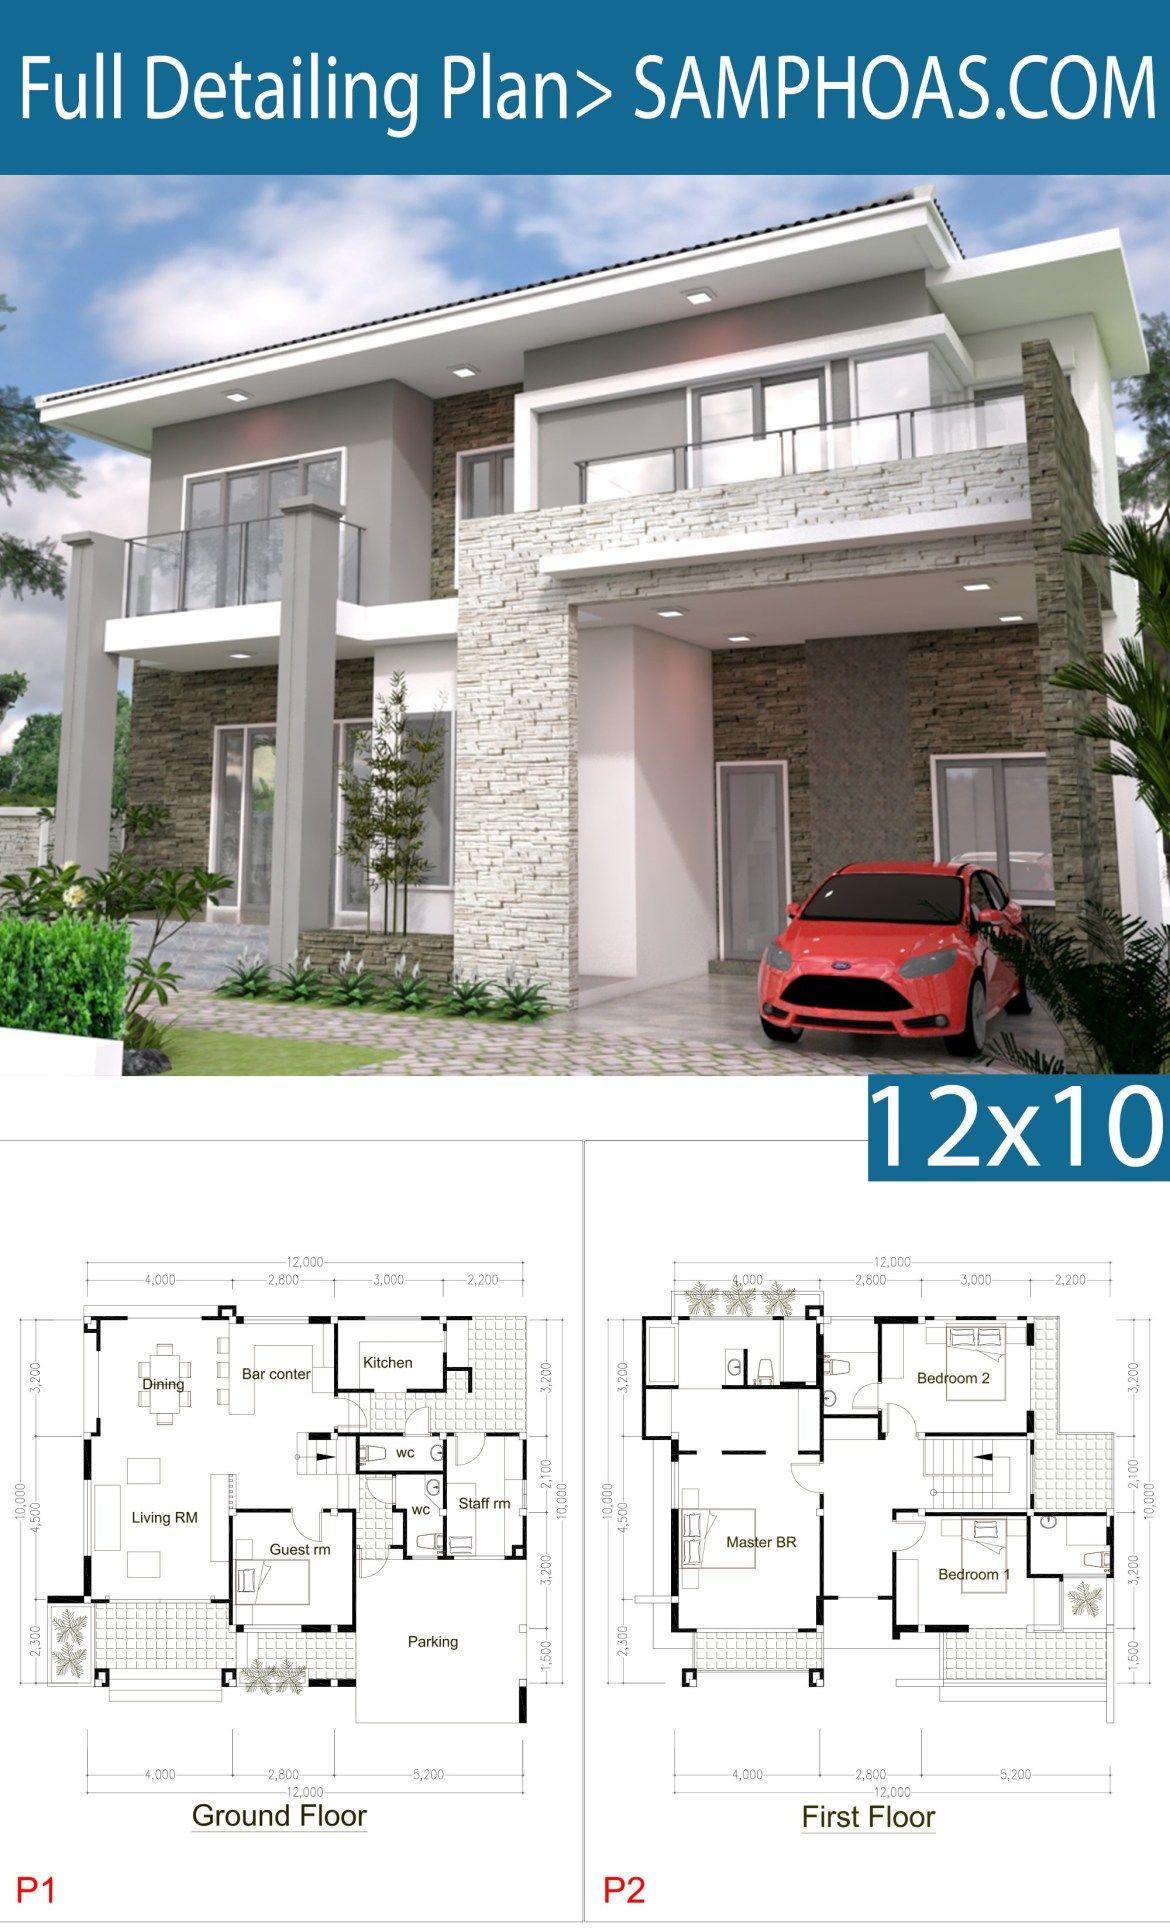 5 Bedrooms Modern Home 10x12m Arsitektur Desain Arsitektur